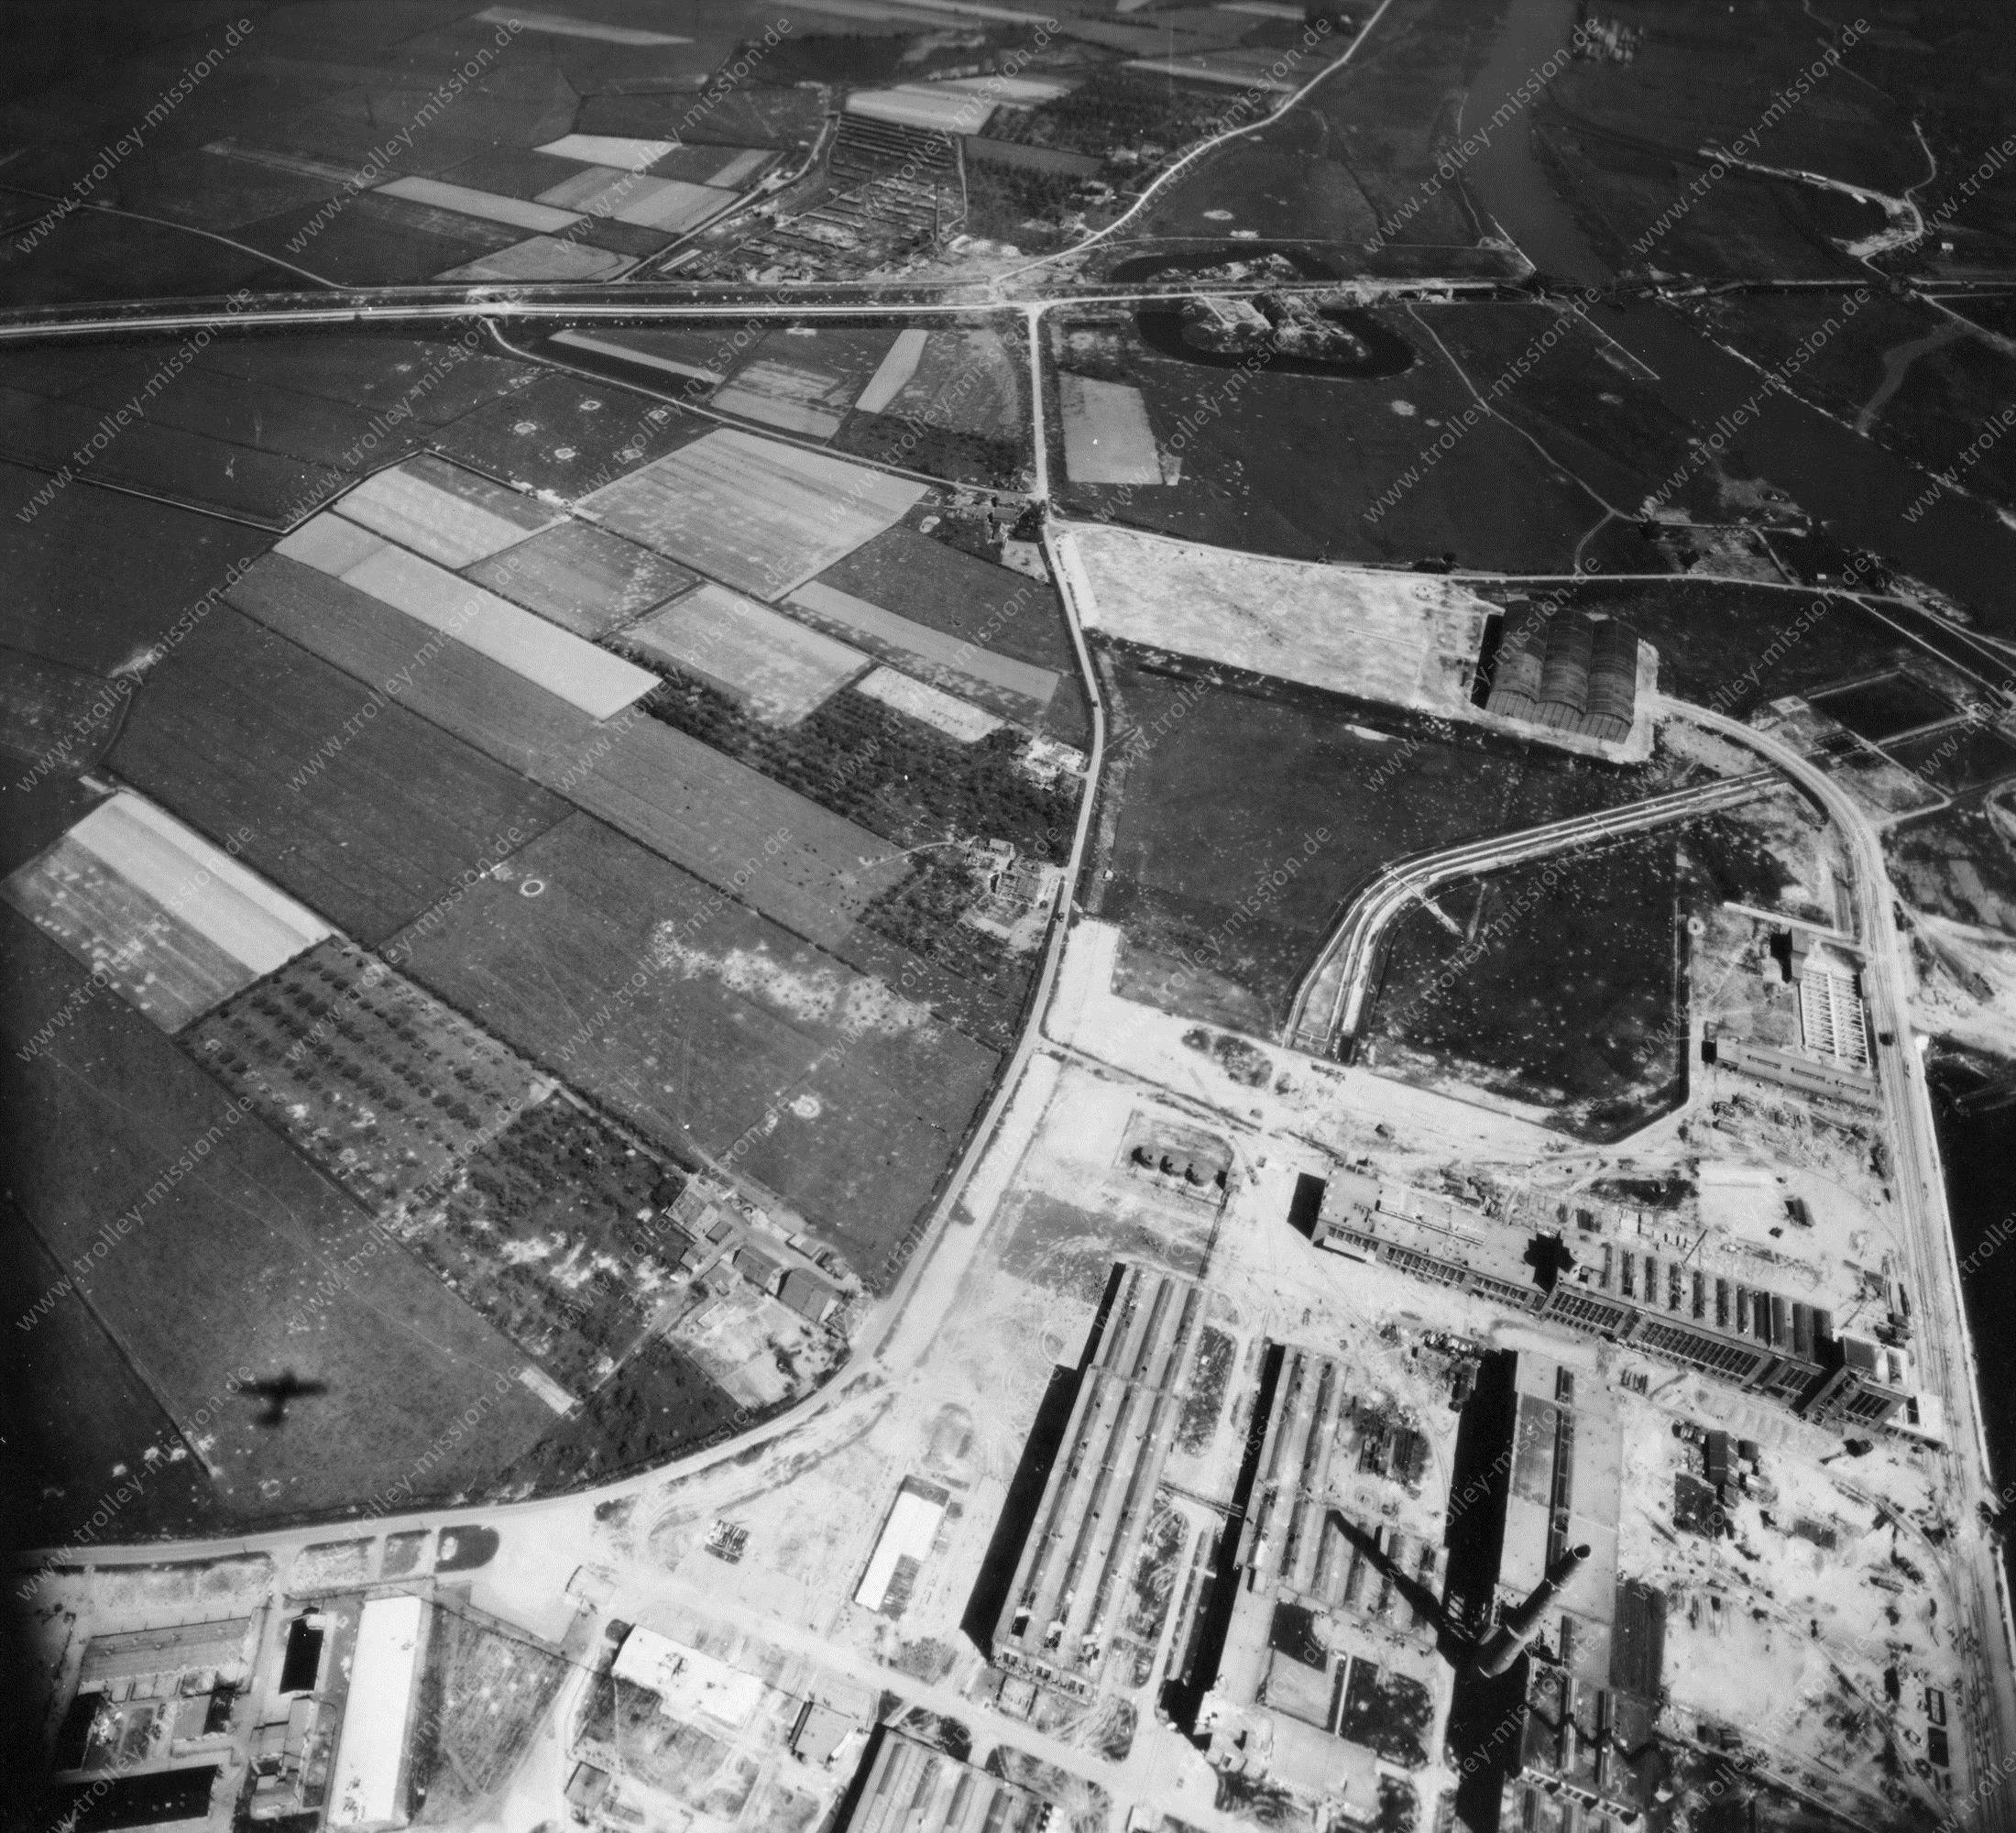 Arnhem Nieuwe Haven (Luchtfoto 4/5) - Kleefse Waard - Foto uit de Tweede Wereldoorlog